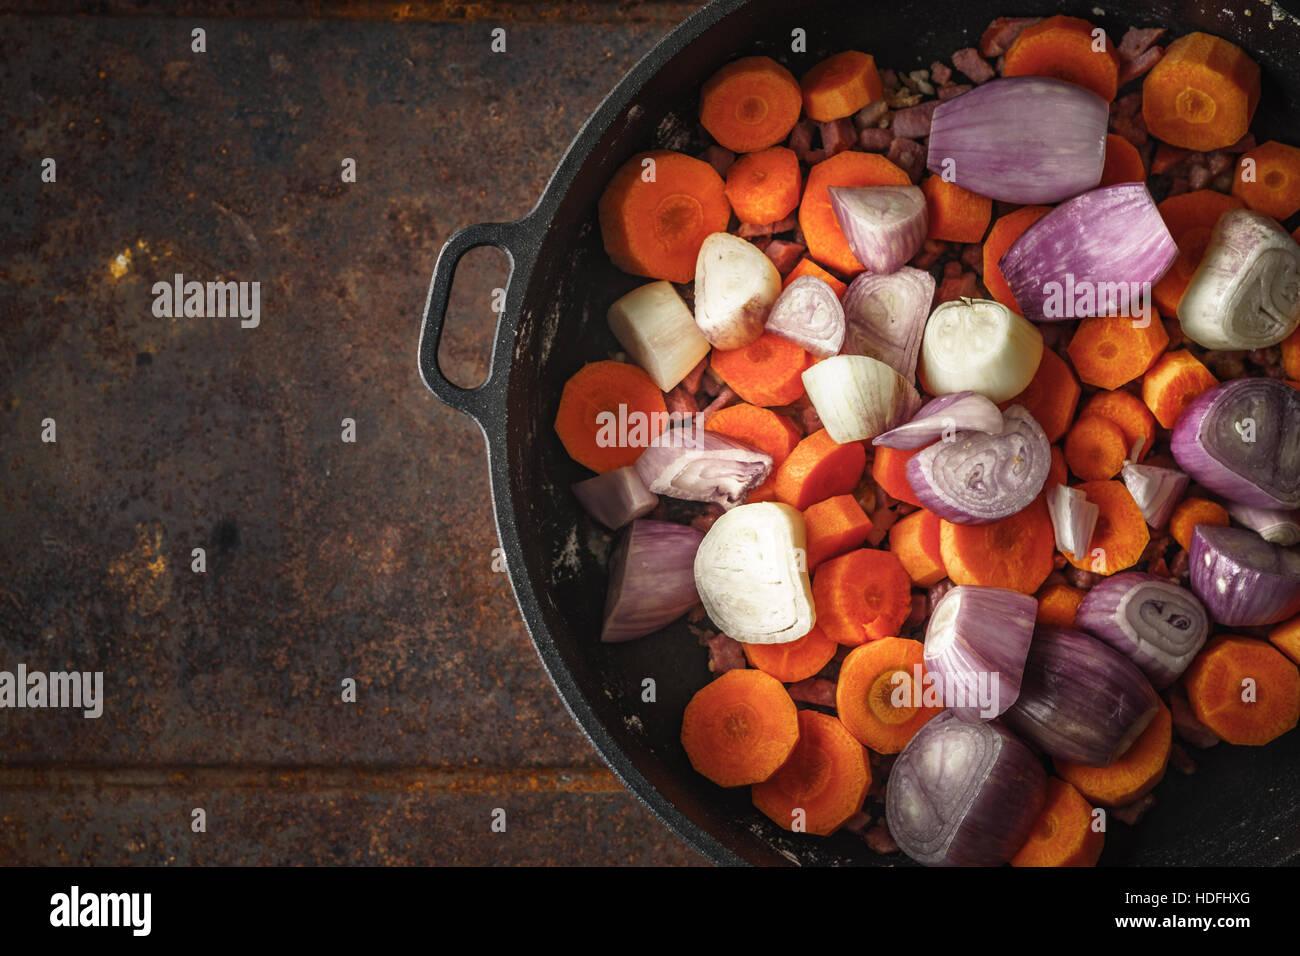 L'échalote et les carottes dans la poêle sur le fond métallique Photo Stock